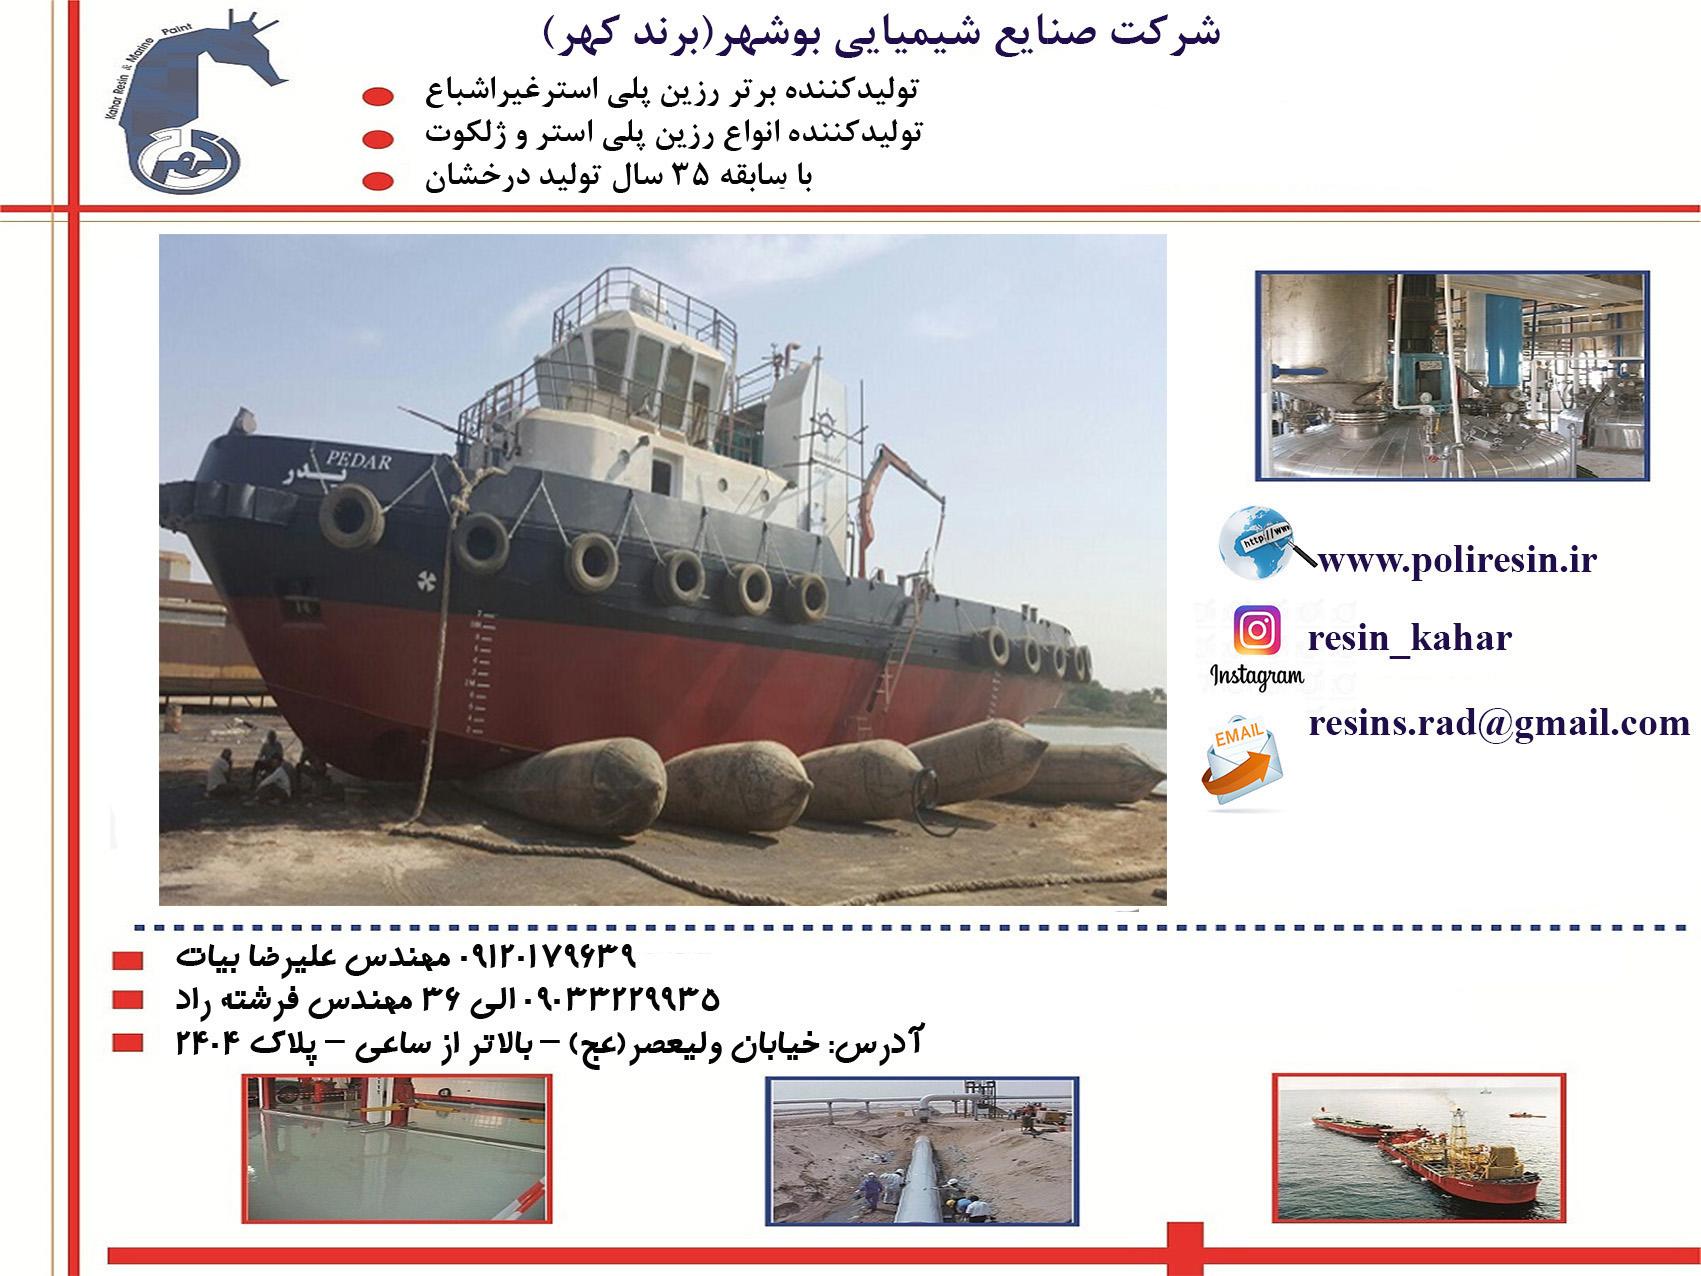 فروش رزین پلی استر ایزوفتالیک جهت ساخت شناورهای دریایی